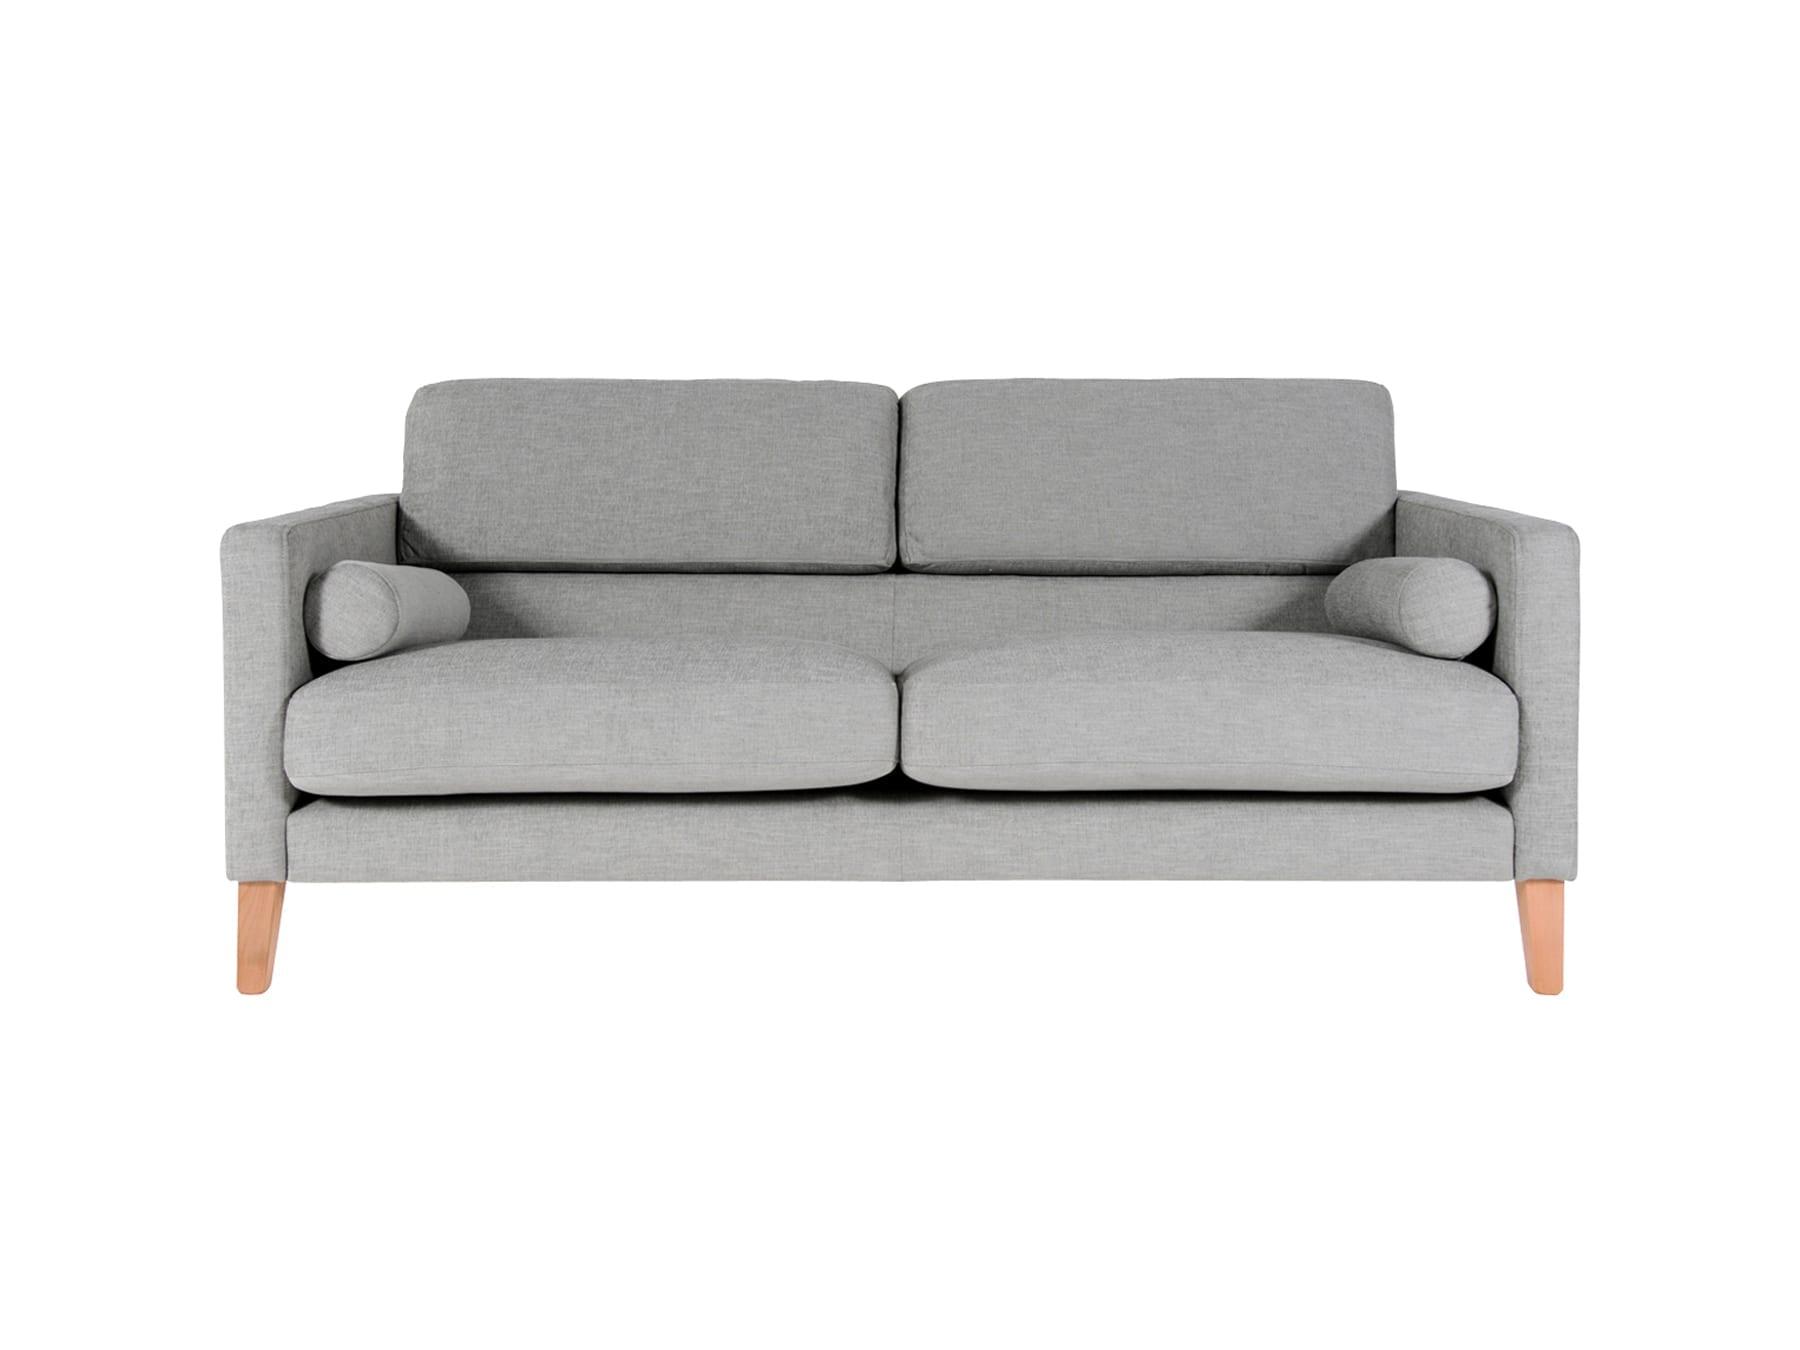 kovacs jigsaw sofa mckenzie willis